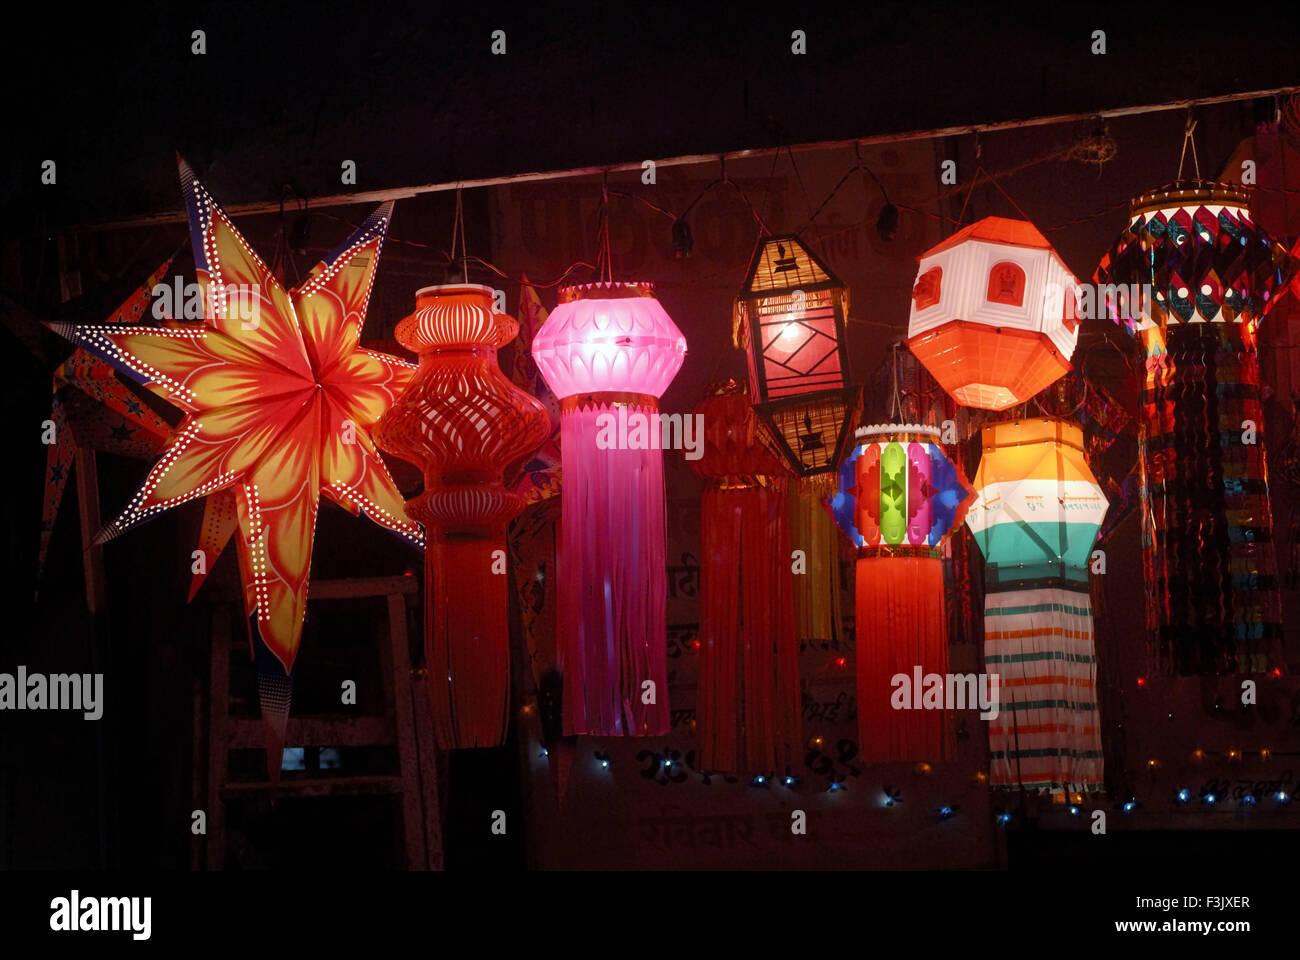 Paper Lanterns Kandil Kept For Sale In Shop For Diwali